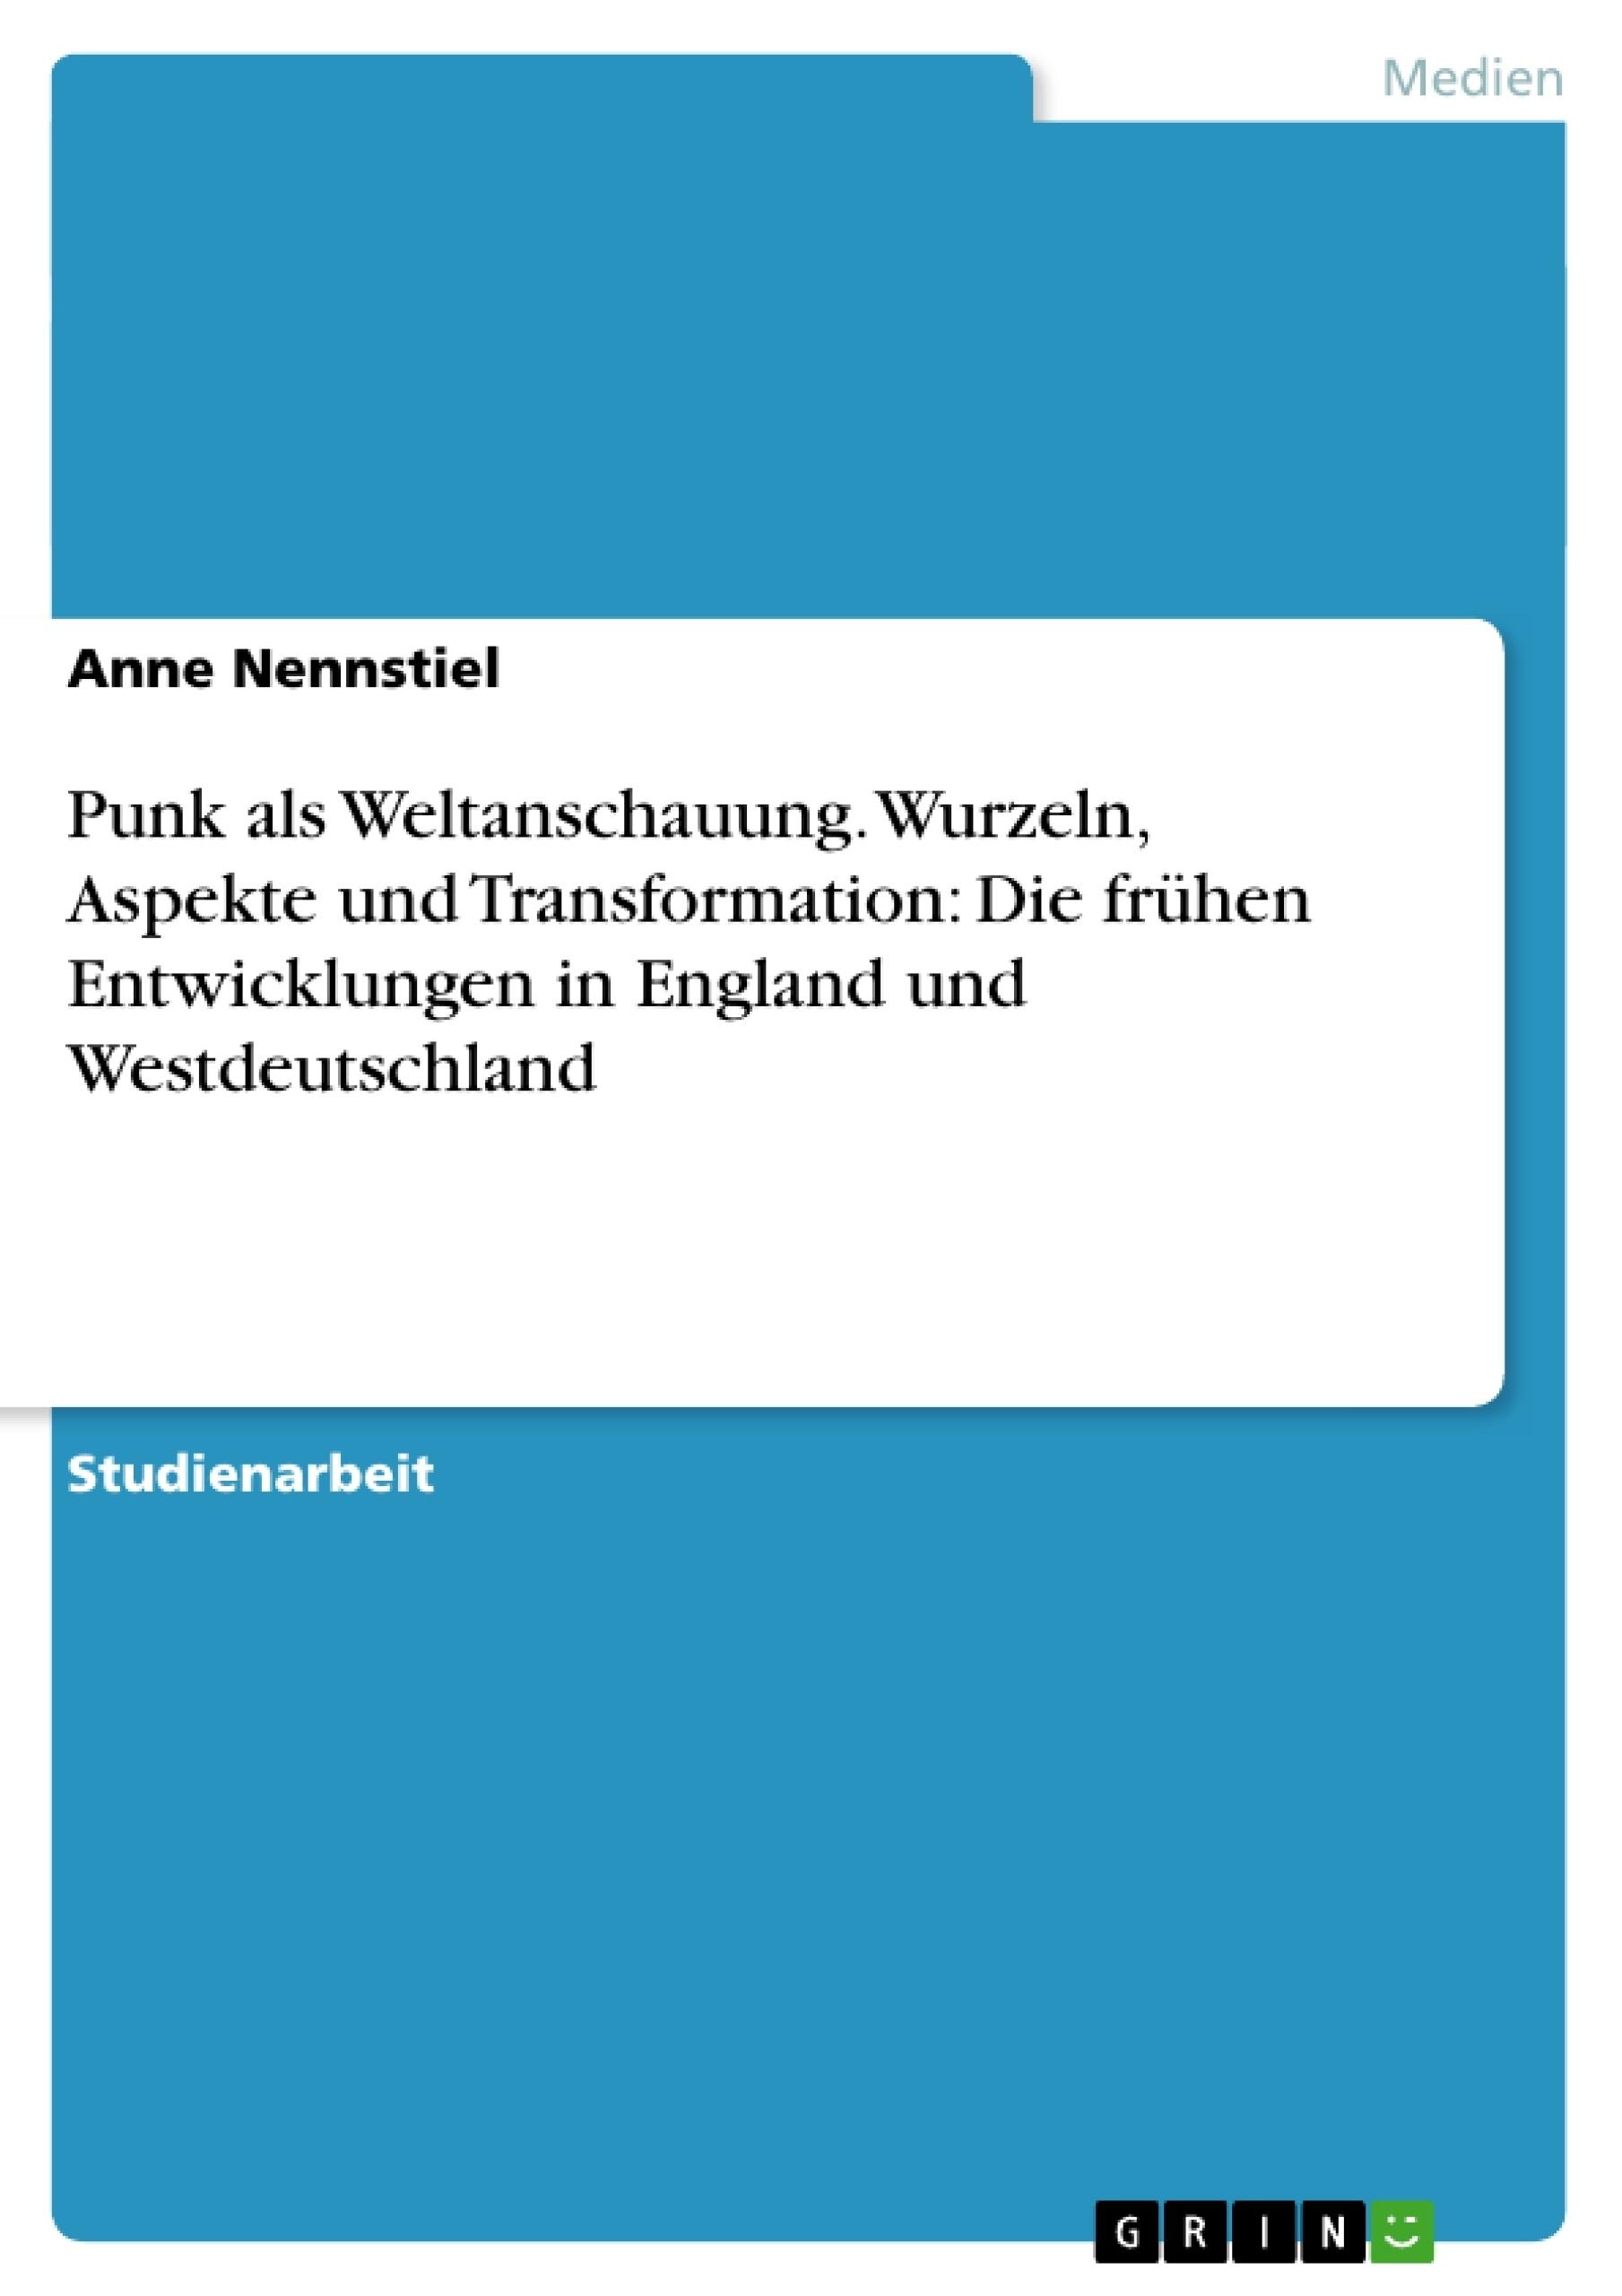 Titel: Punk als Weltanschauung. Wurzeln, Aspekte und Transformation: Die frühen Entwicklungen in England und Westdeutschland